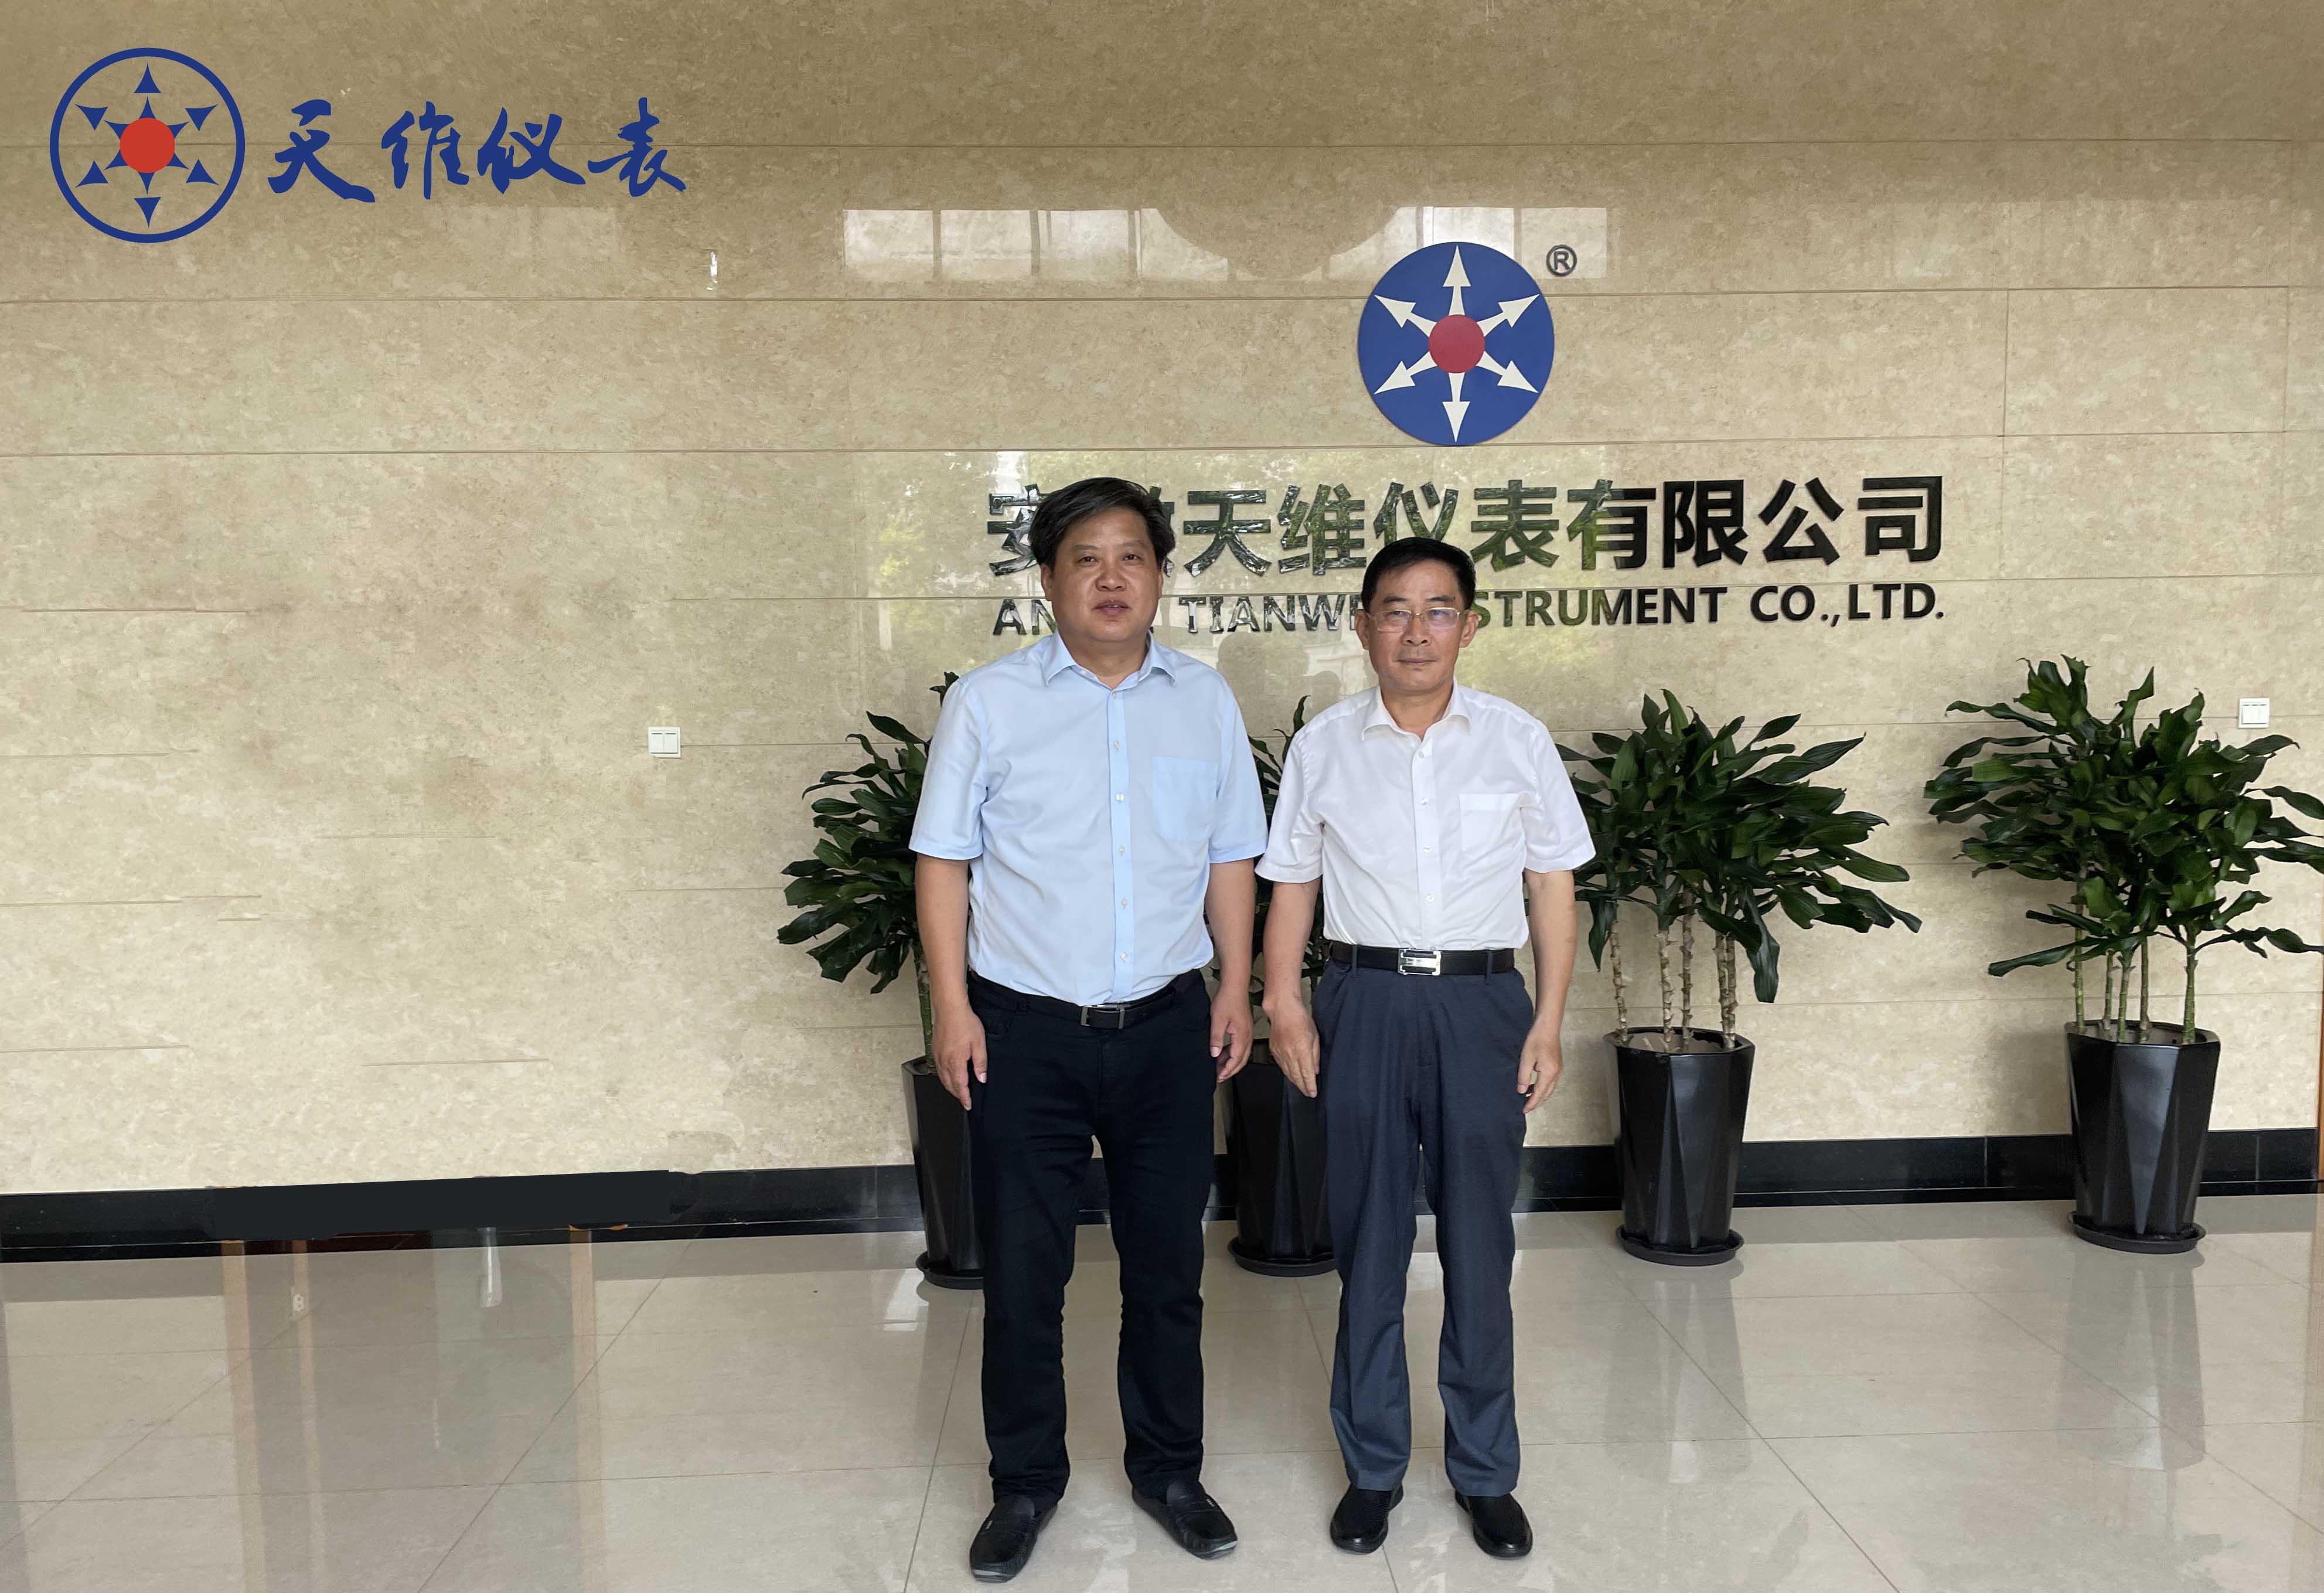 安徽省政協副主席李修松一行蒞臨天維儀表調研指導